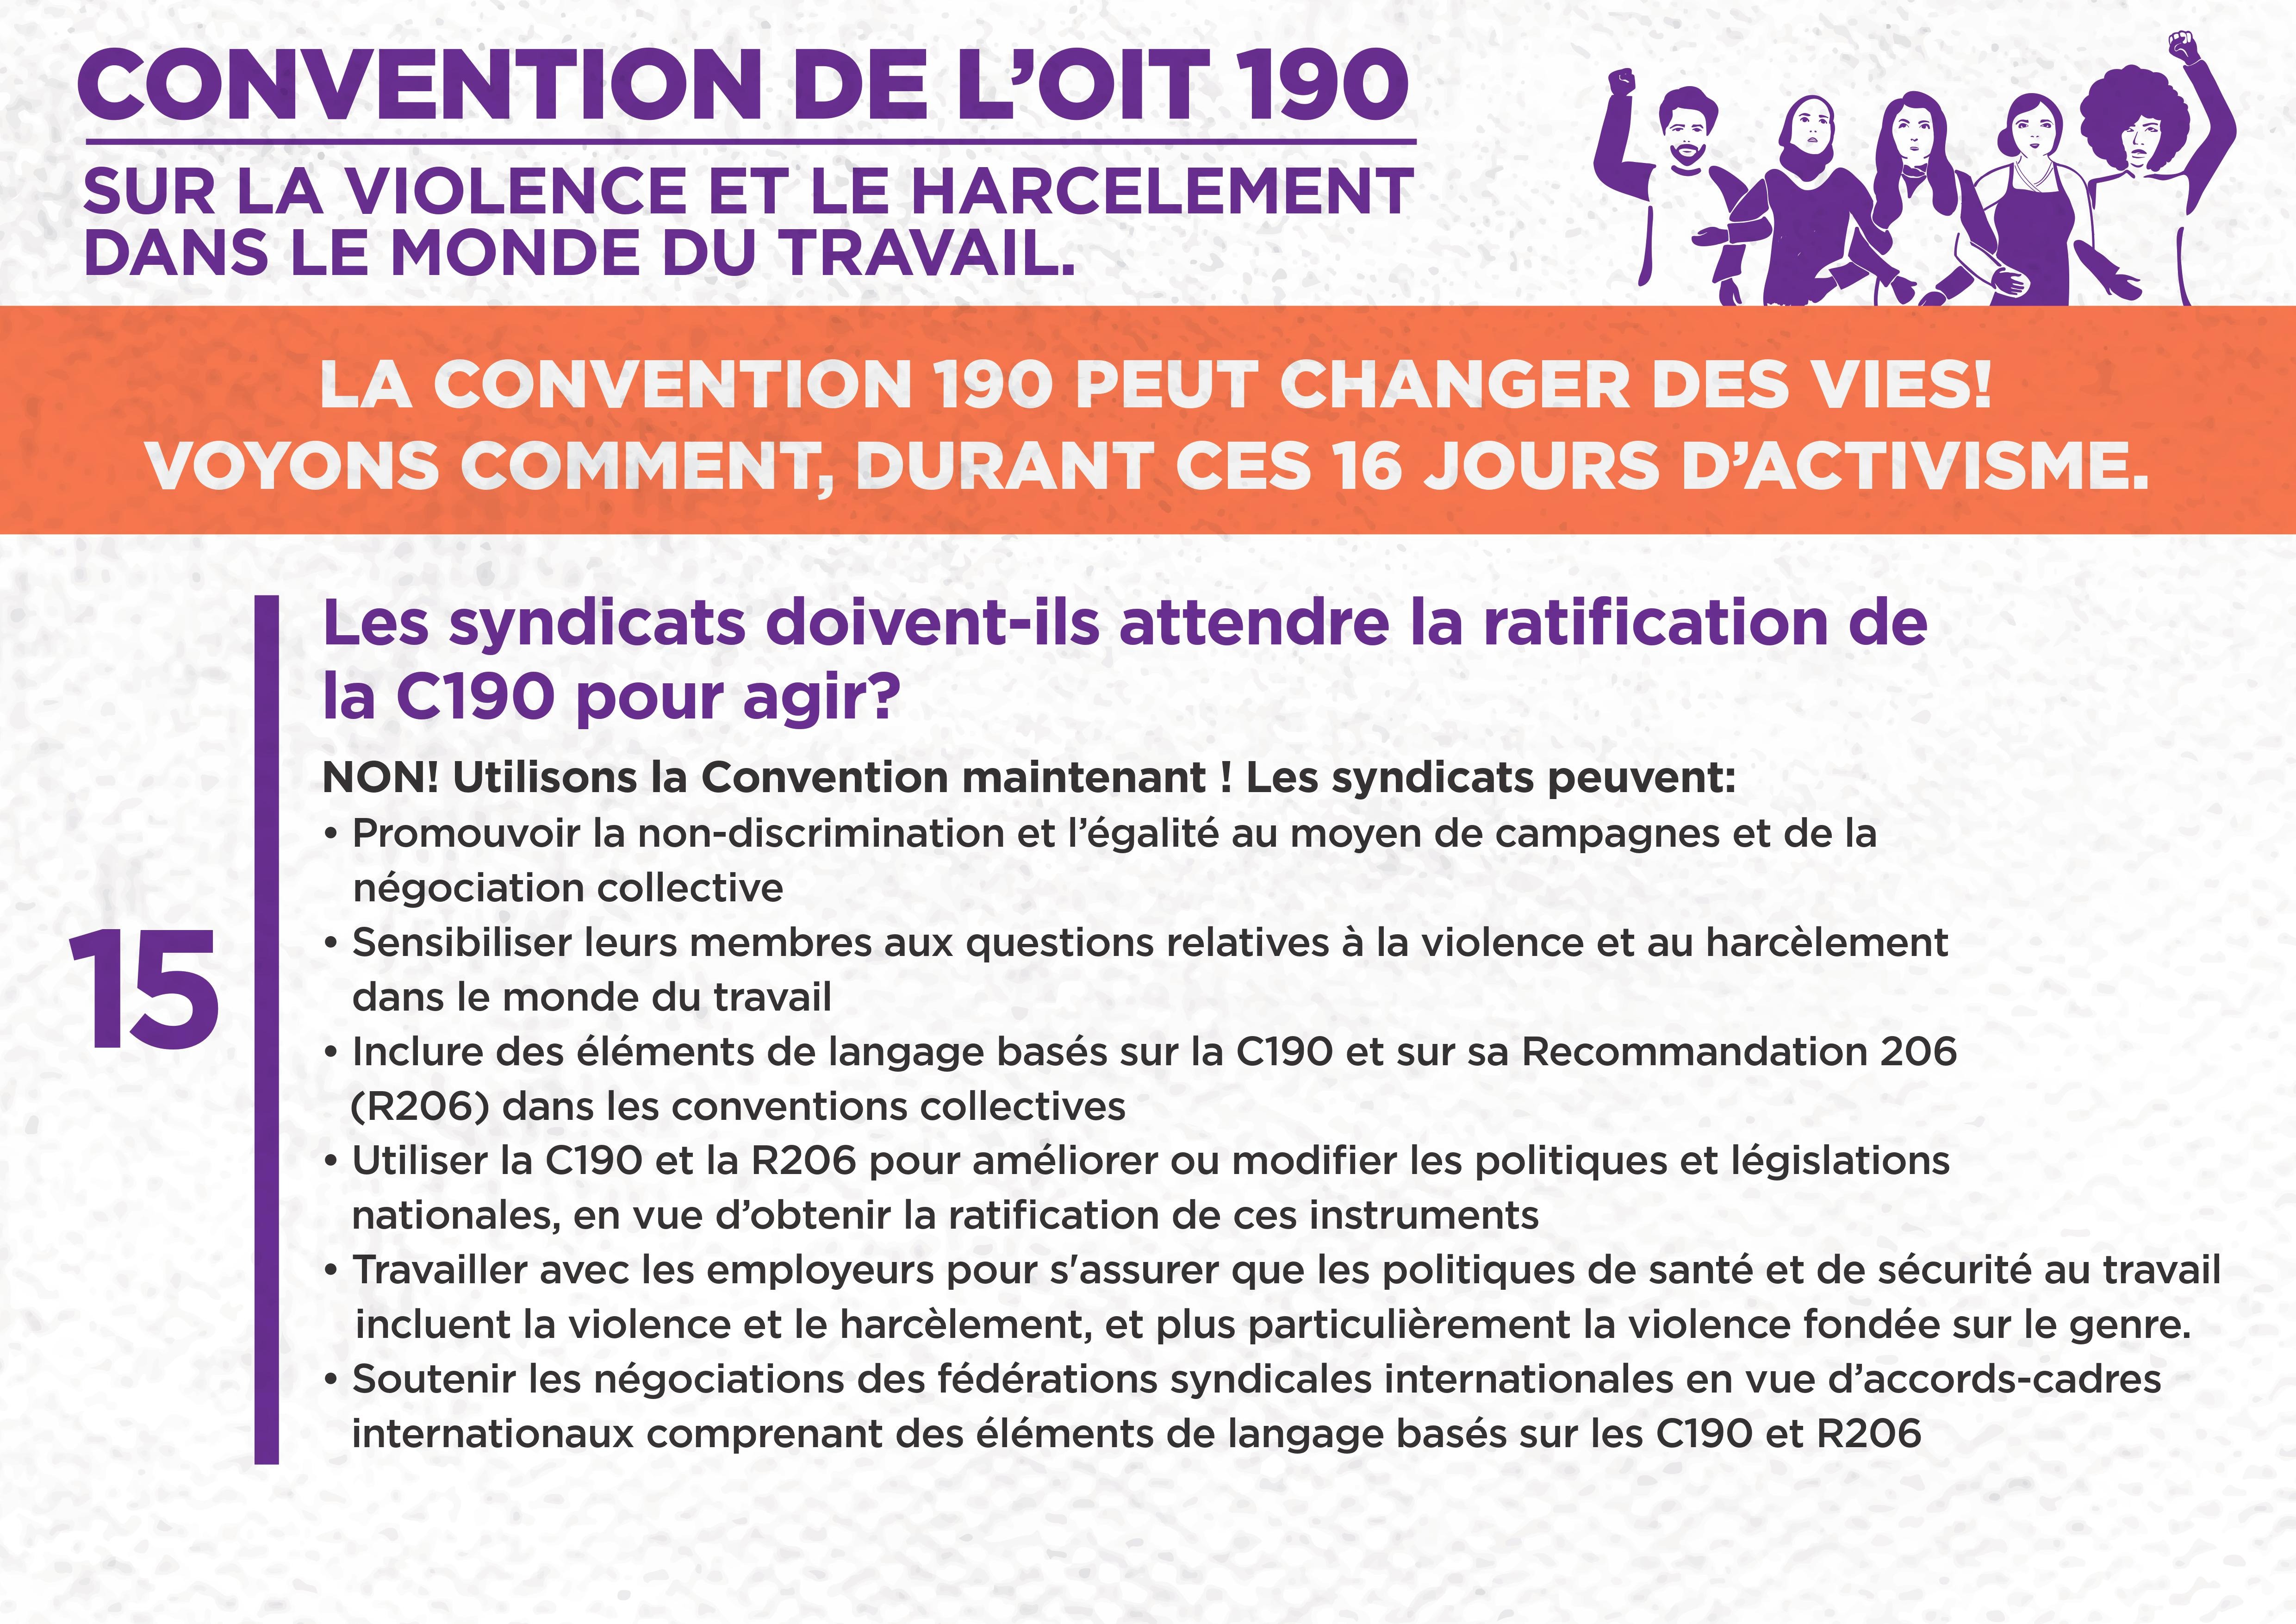 15. Les syndicats doivent-ils attendre la ratification de la C190 pour agir ?